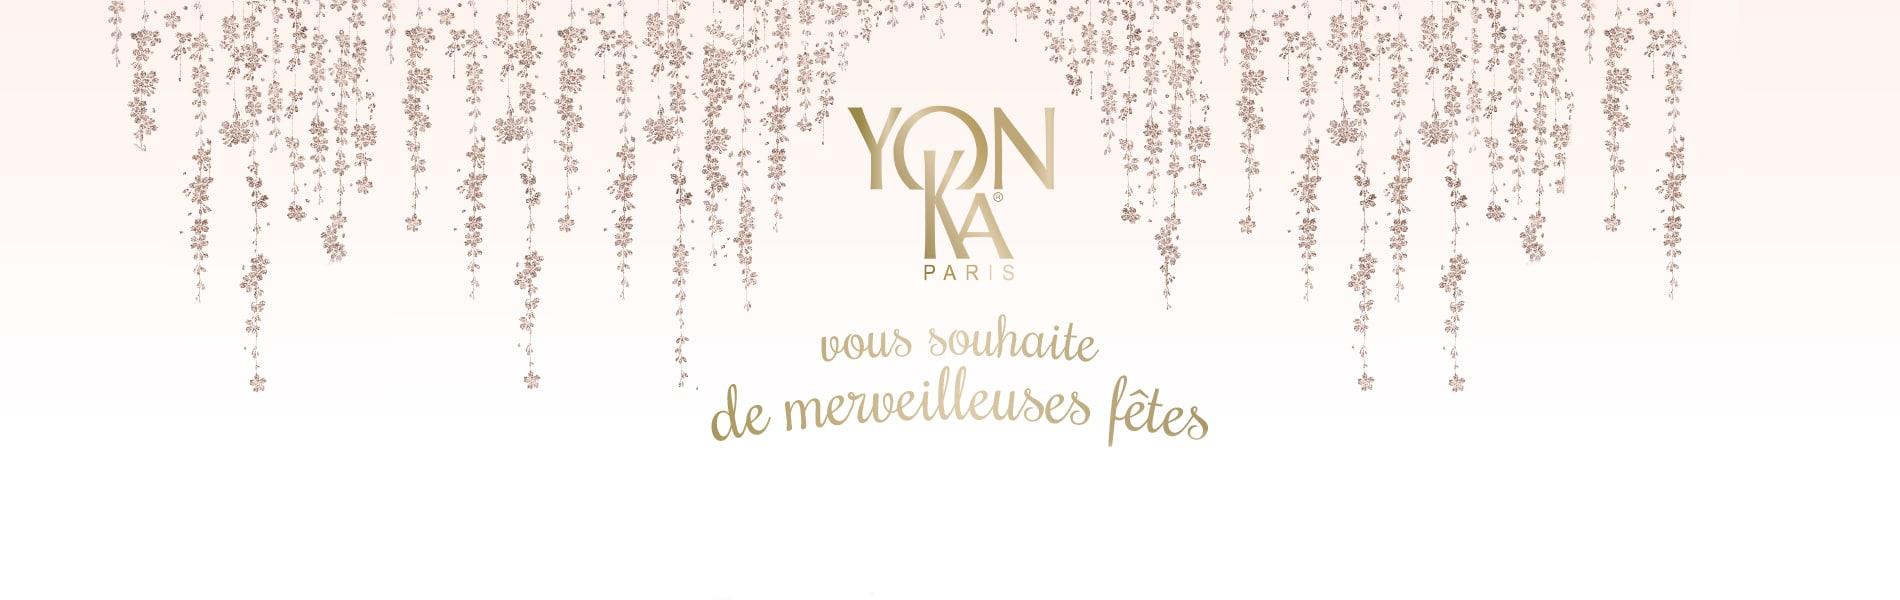 Yonka - spécial Noël